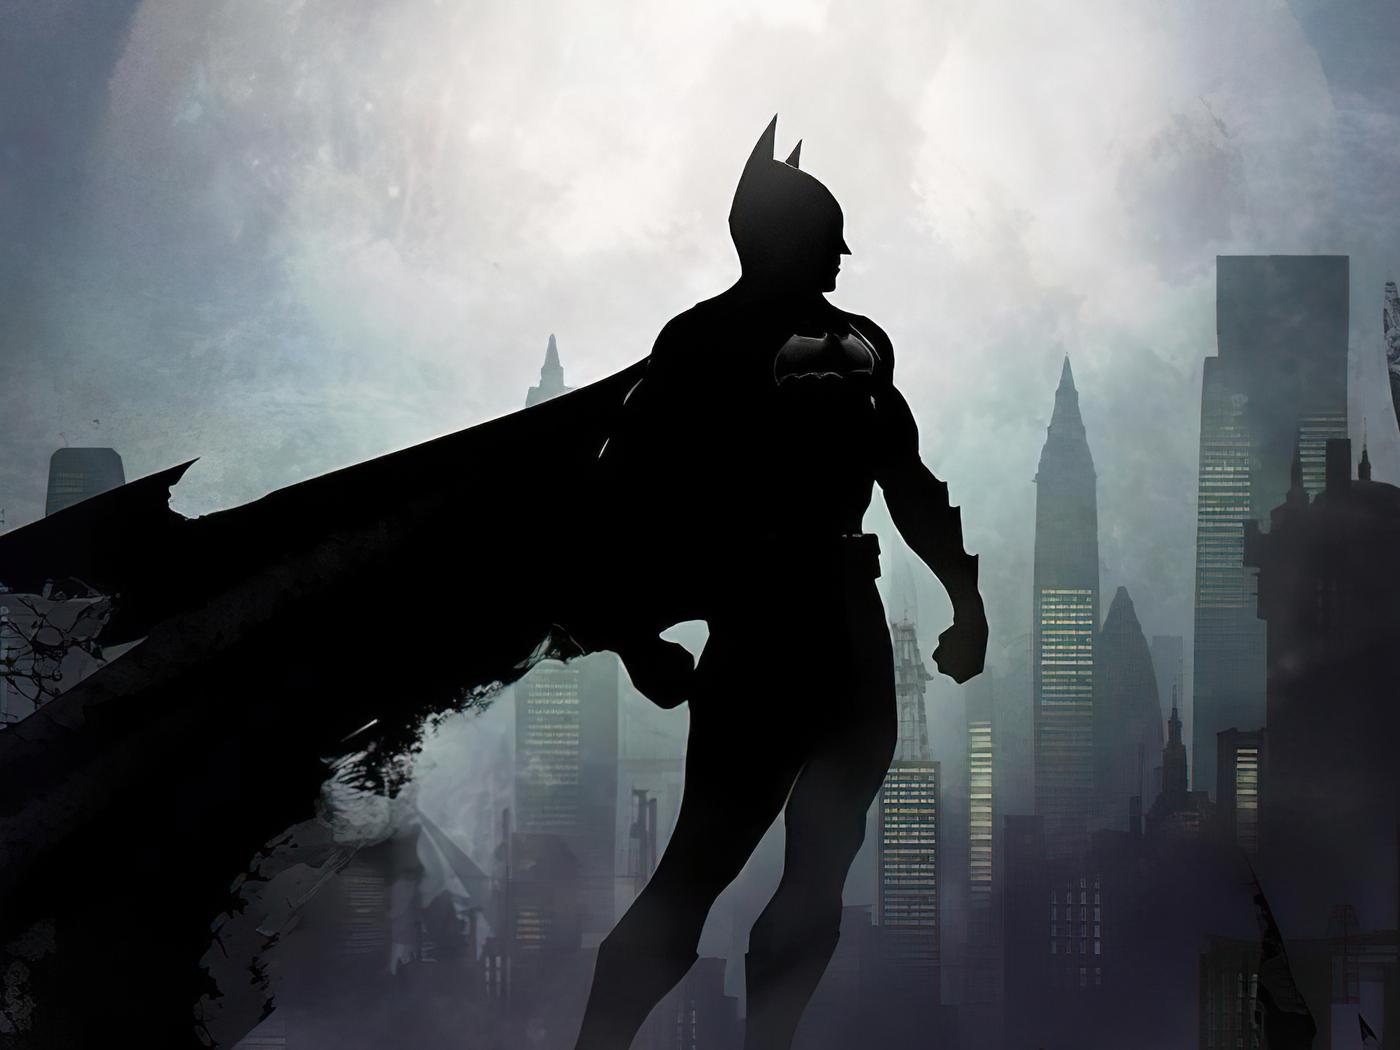 batman-black-cape-artwork-w7.jpg